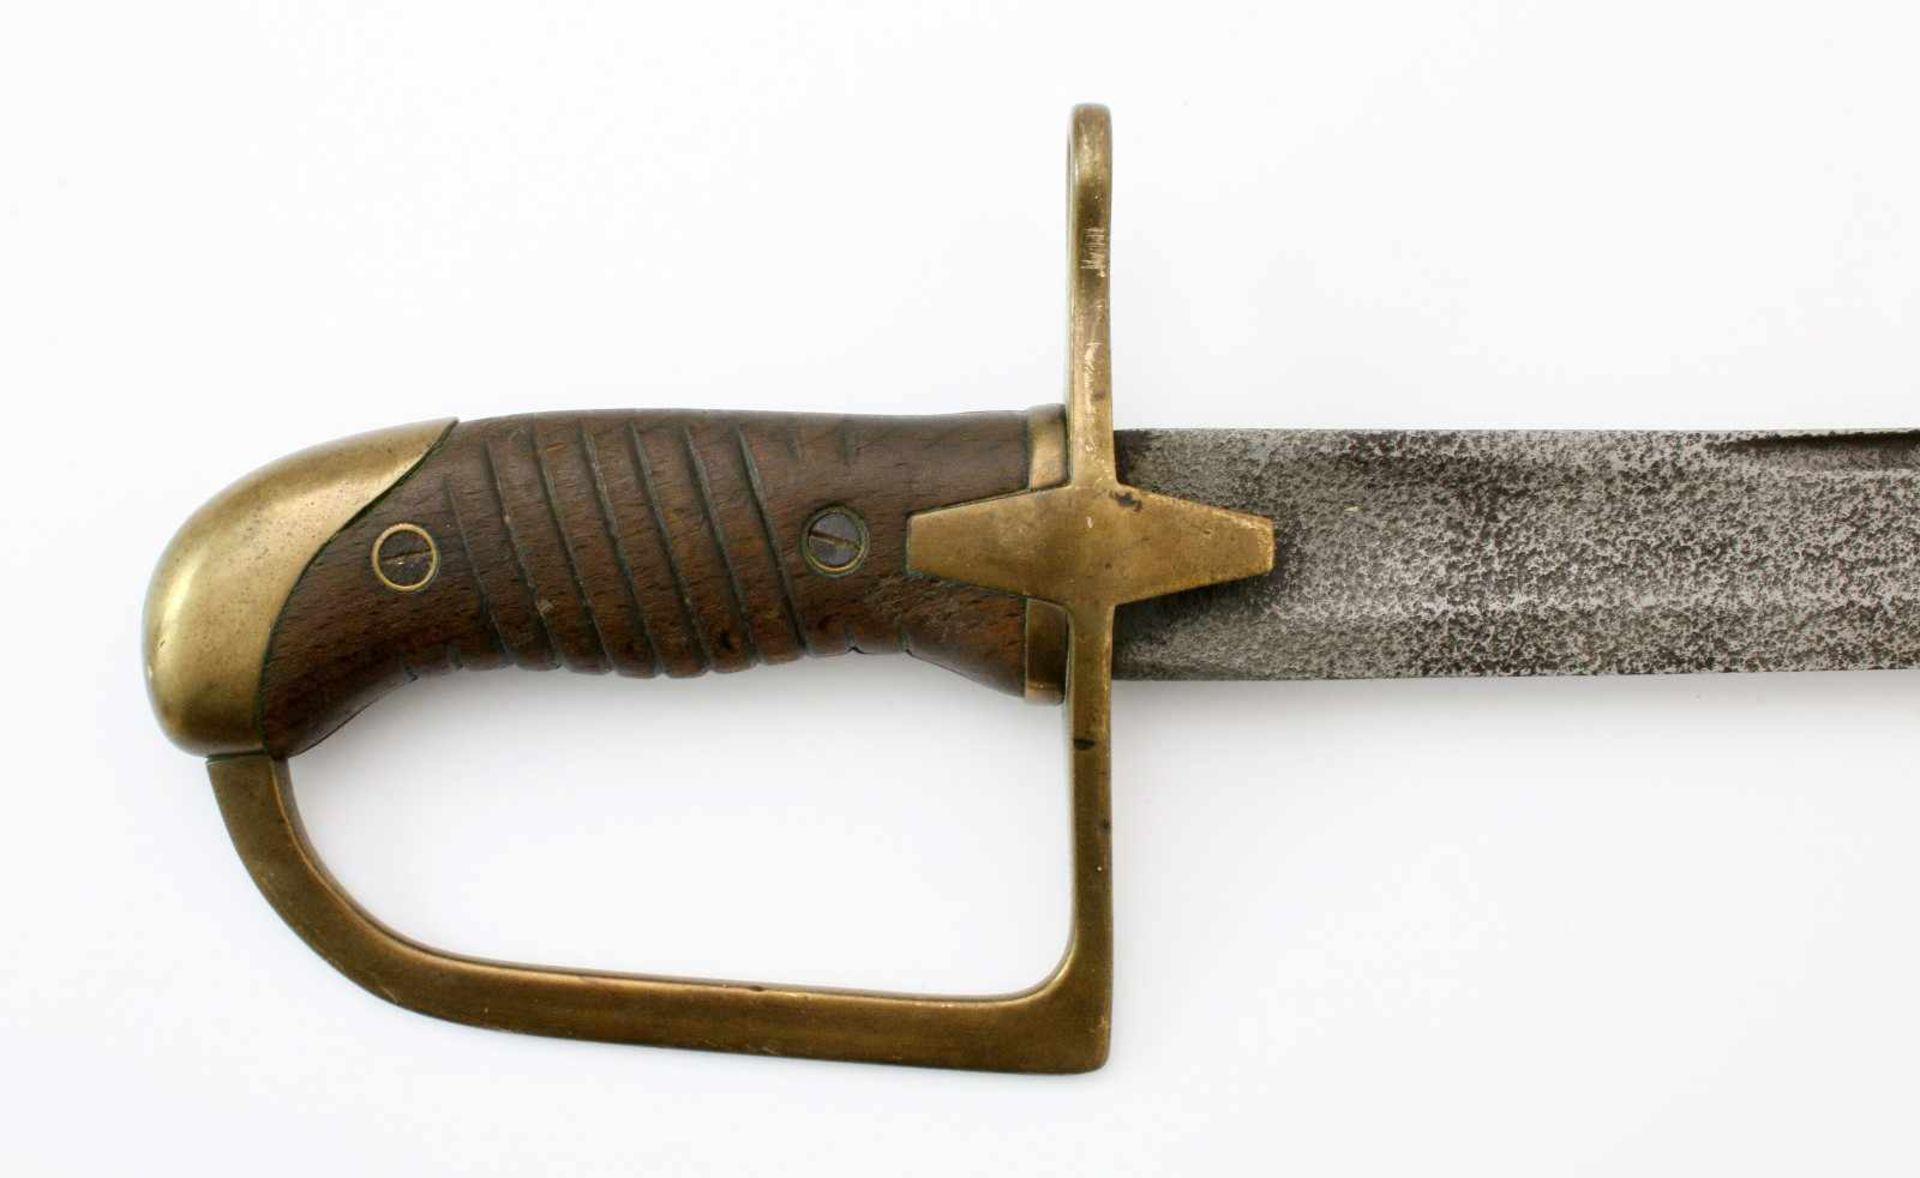 Polen - Säbel M1934 für Mannschaften der KavallerieLeicht geschwungene Klinge à la Montmorency. - Bild 3 aus 4